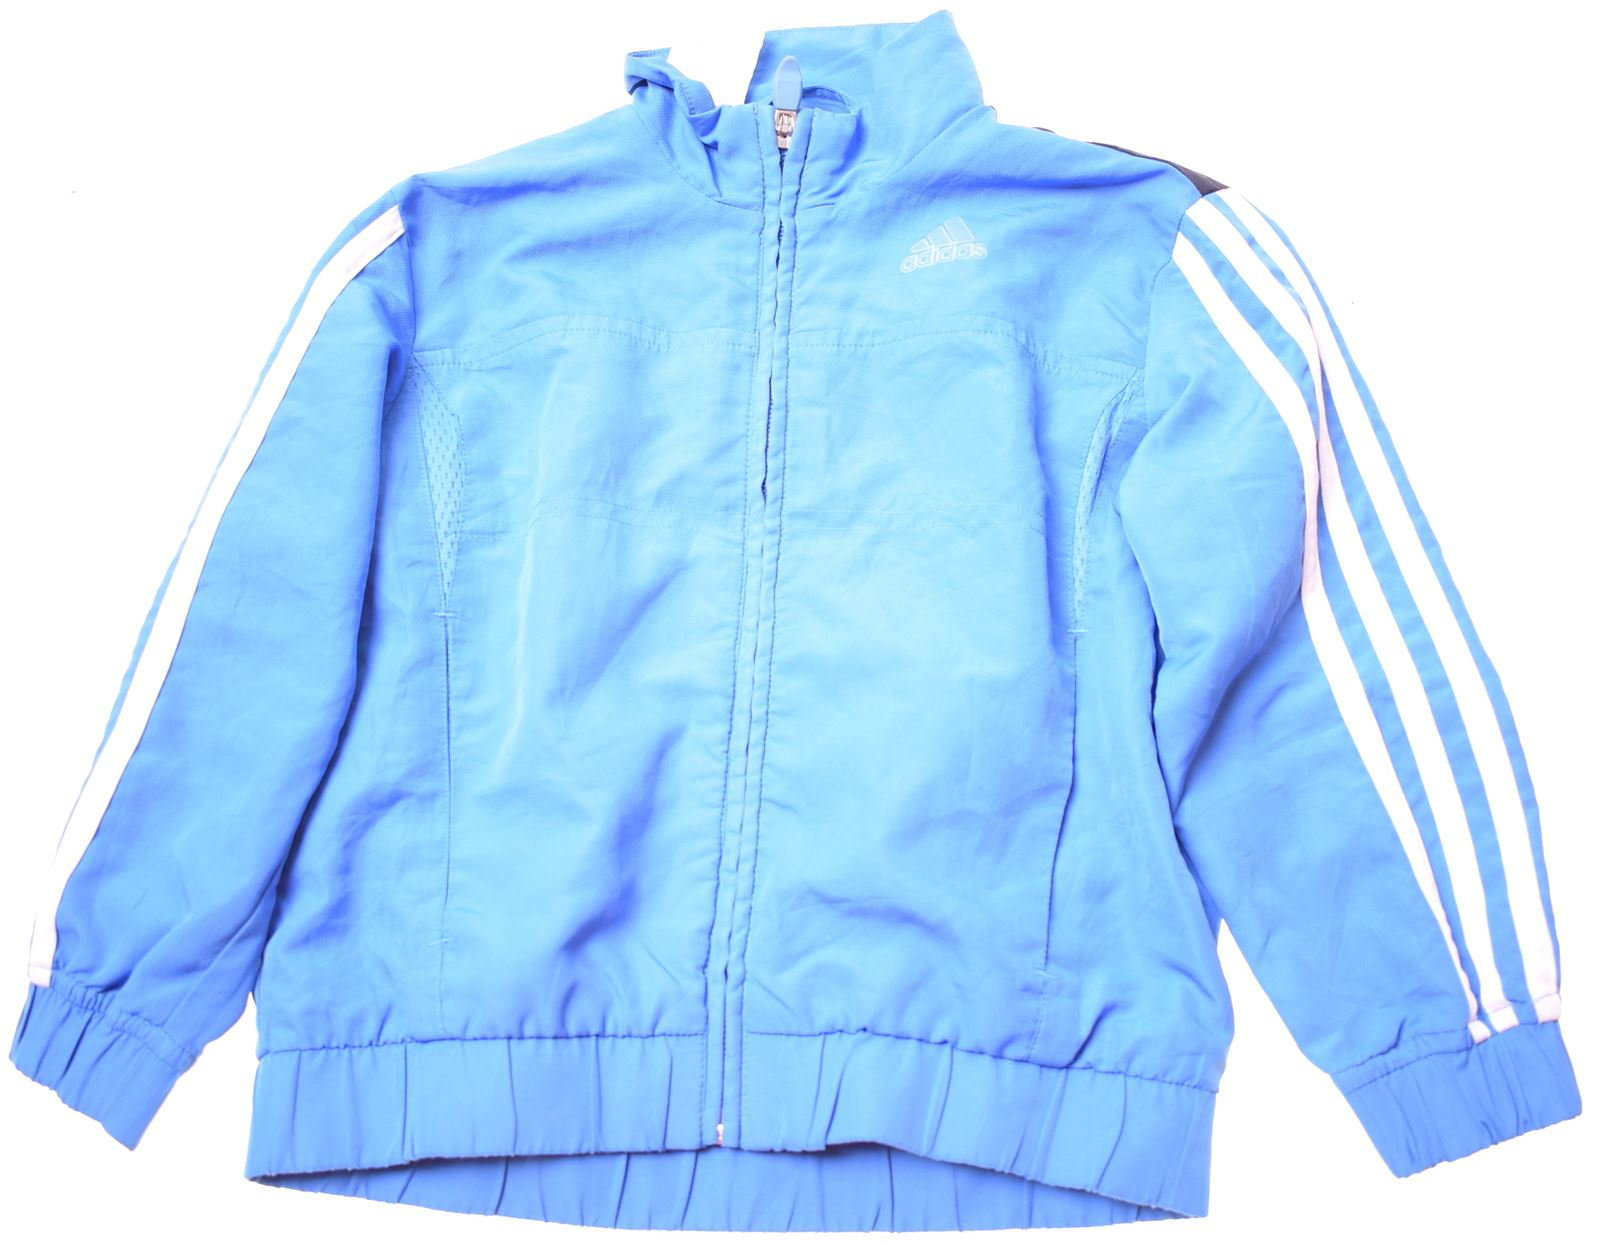 Détails sur Adidas Garçons Survêtement Haut Veste 2 3 ans polyester bleu BS04 afficher le titre d'origine